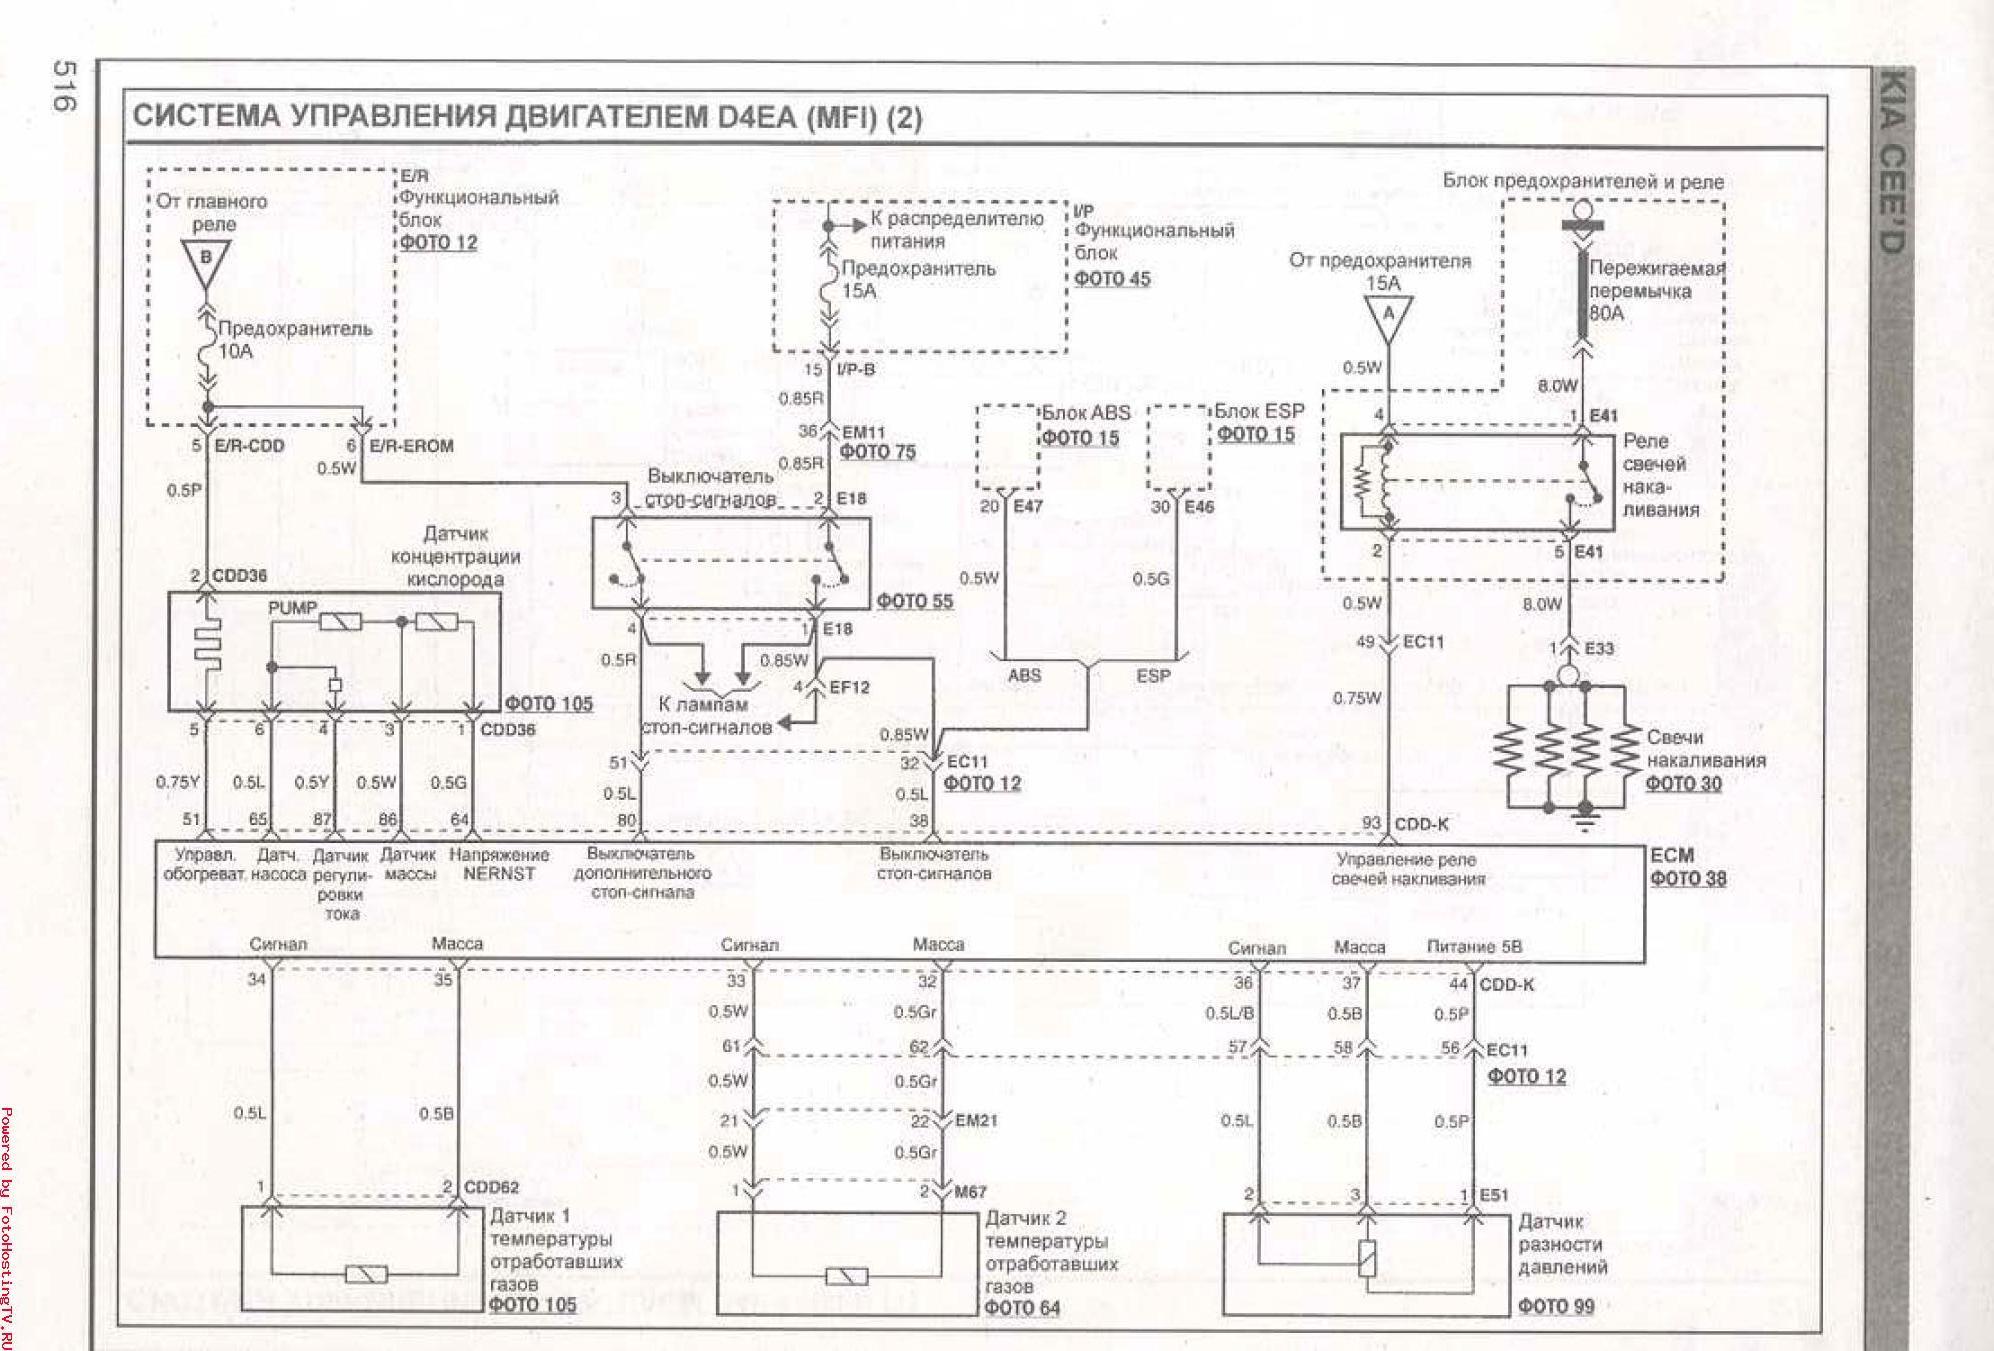 Схема киа сид 2008 339